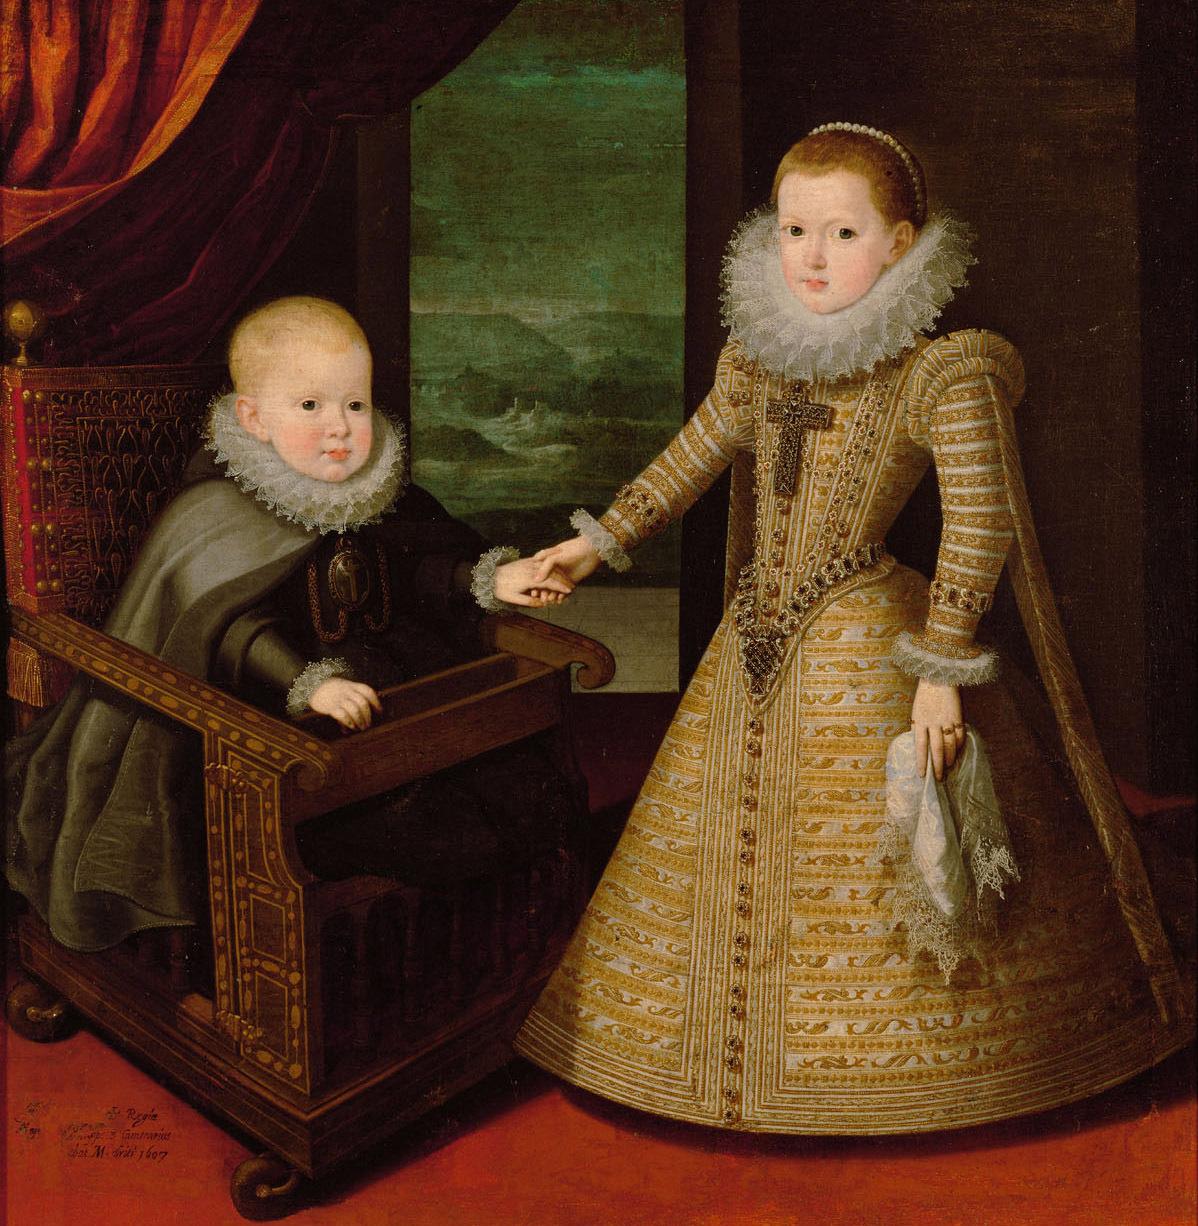 König Philipp IV. von Spanien (1605-1665) in geistlichem Gewand und seiner Schwester Infantin Anna (1601-1666), Bildnis in ganzer Figur von Juan Pantoja de la Cruz